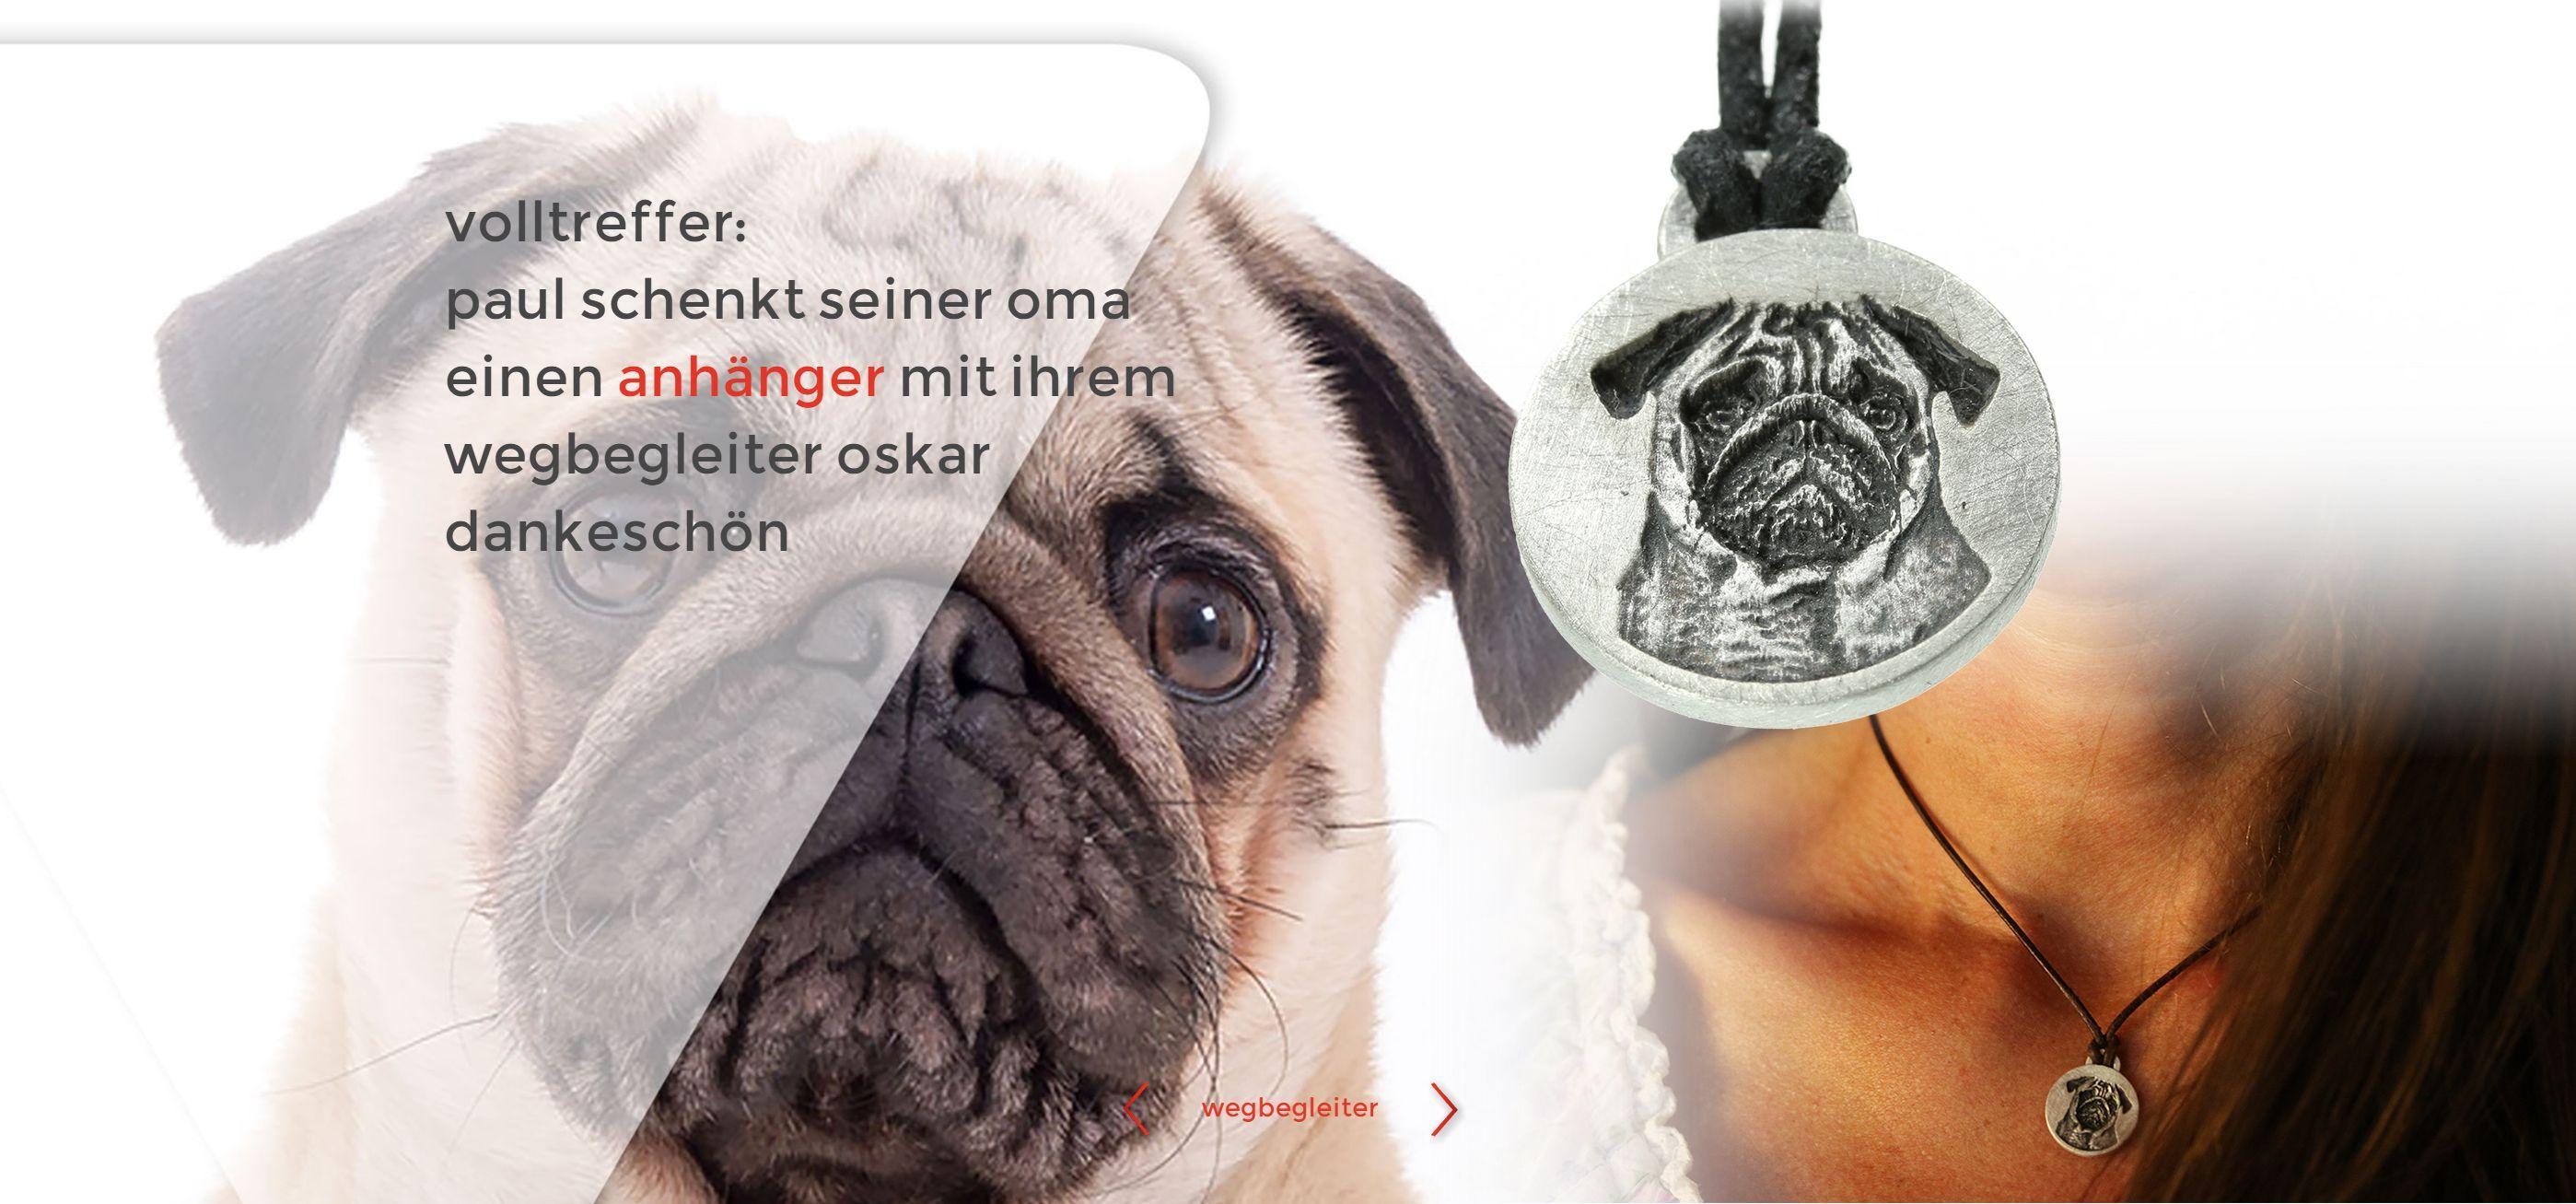 wegbegleiter www.wegbegleiter.com schmuck geschenk hund liebling ...